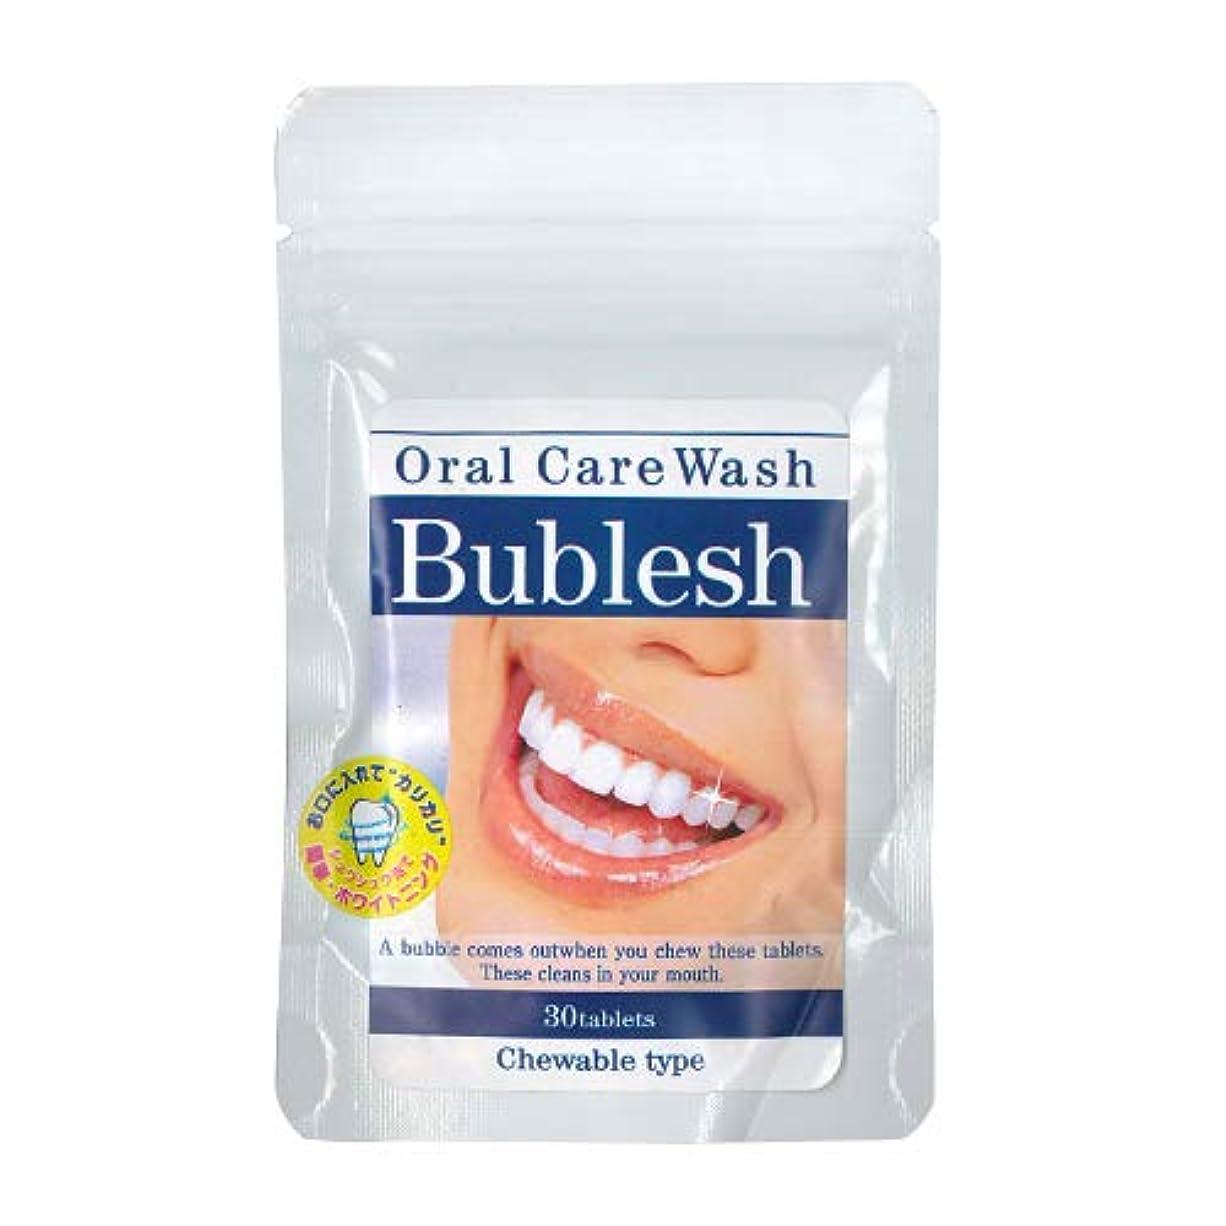 儀式スポーツ定義オーラルケアウォッシュ バブレッシュ (Oral Care Wash Bublesh) 30粒